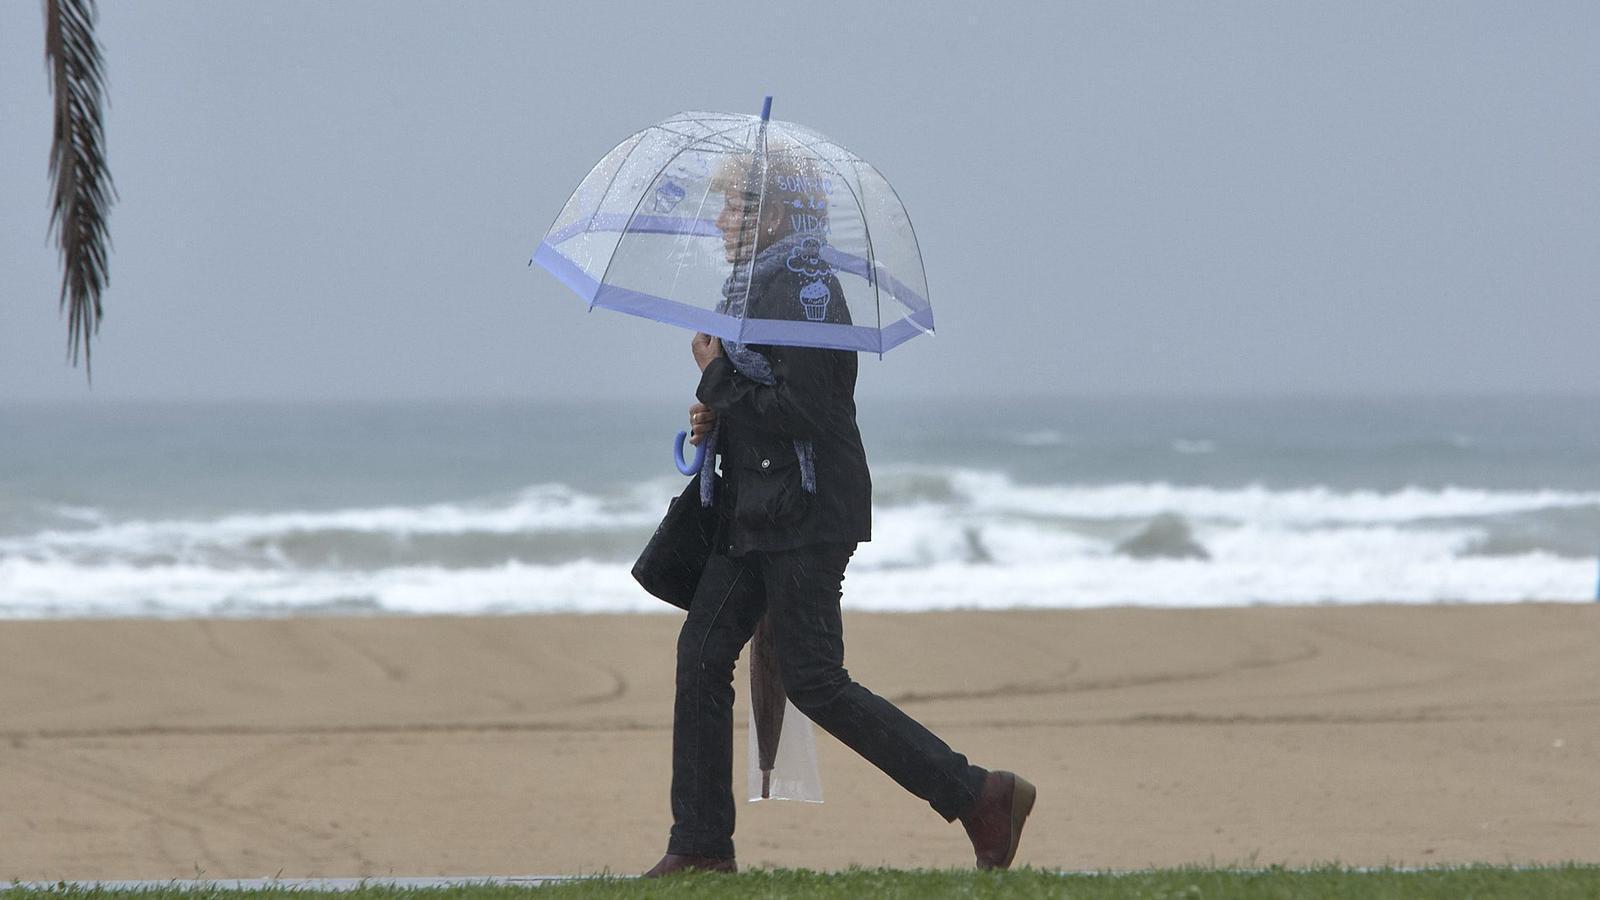 L'hivern passat va ser el més plujós al País Valencià des de l'any 1950